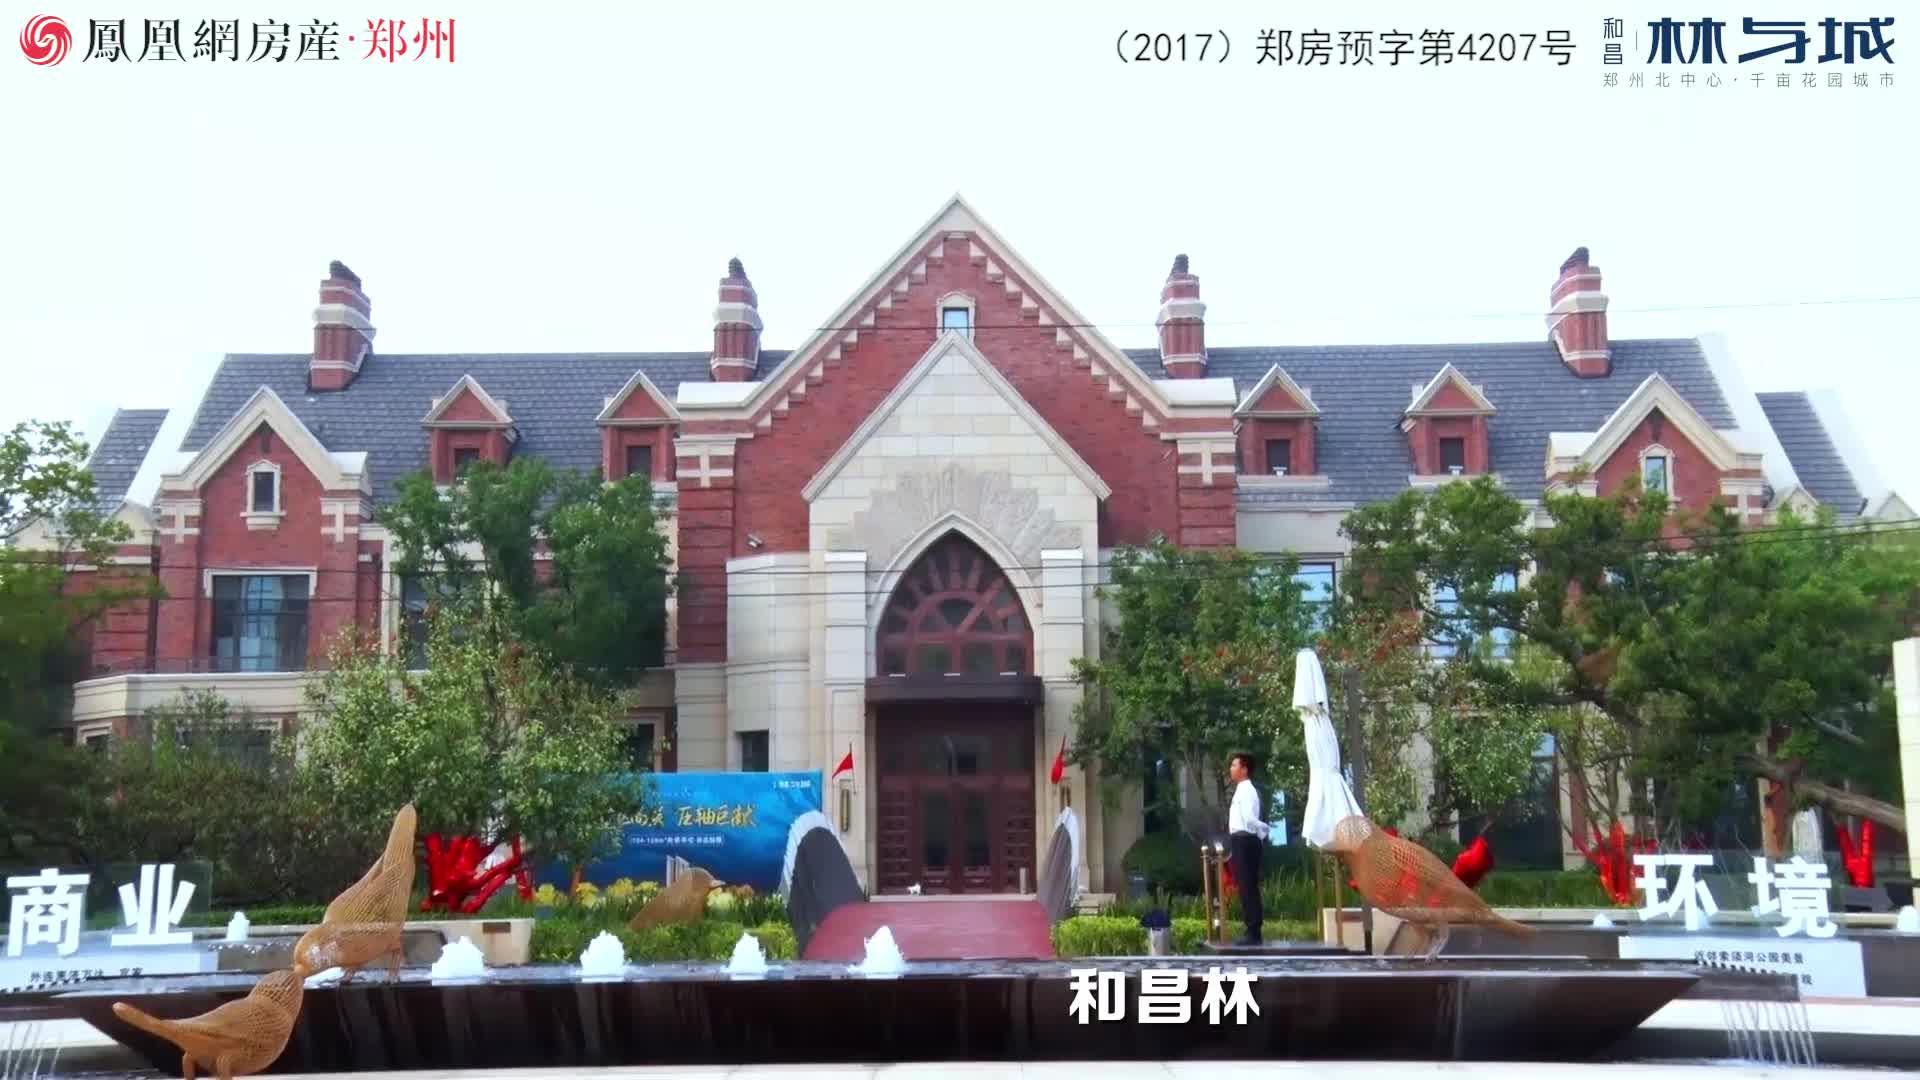 和昌林与城9月27日盛大交房  开始人生华美乐章